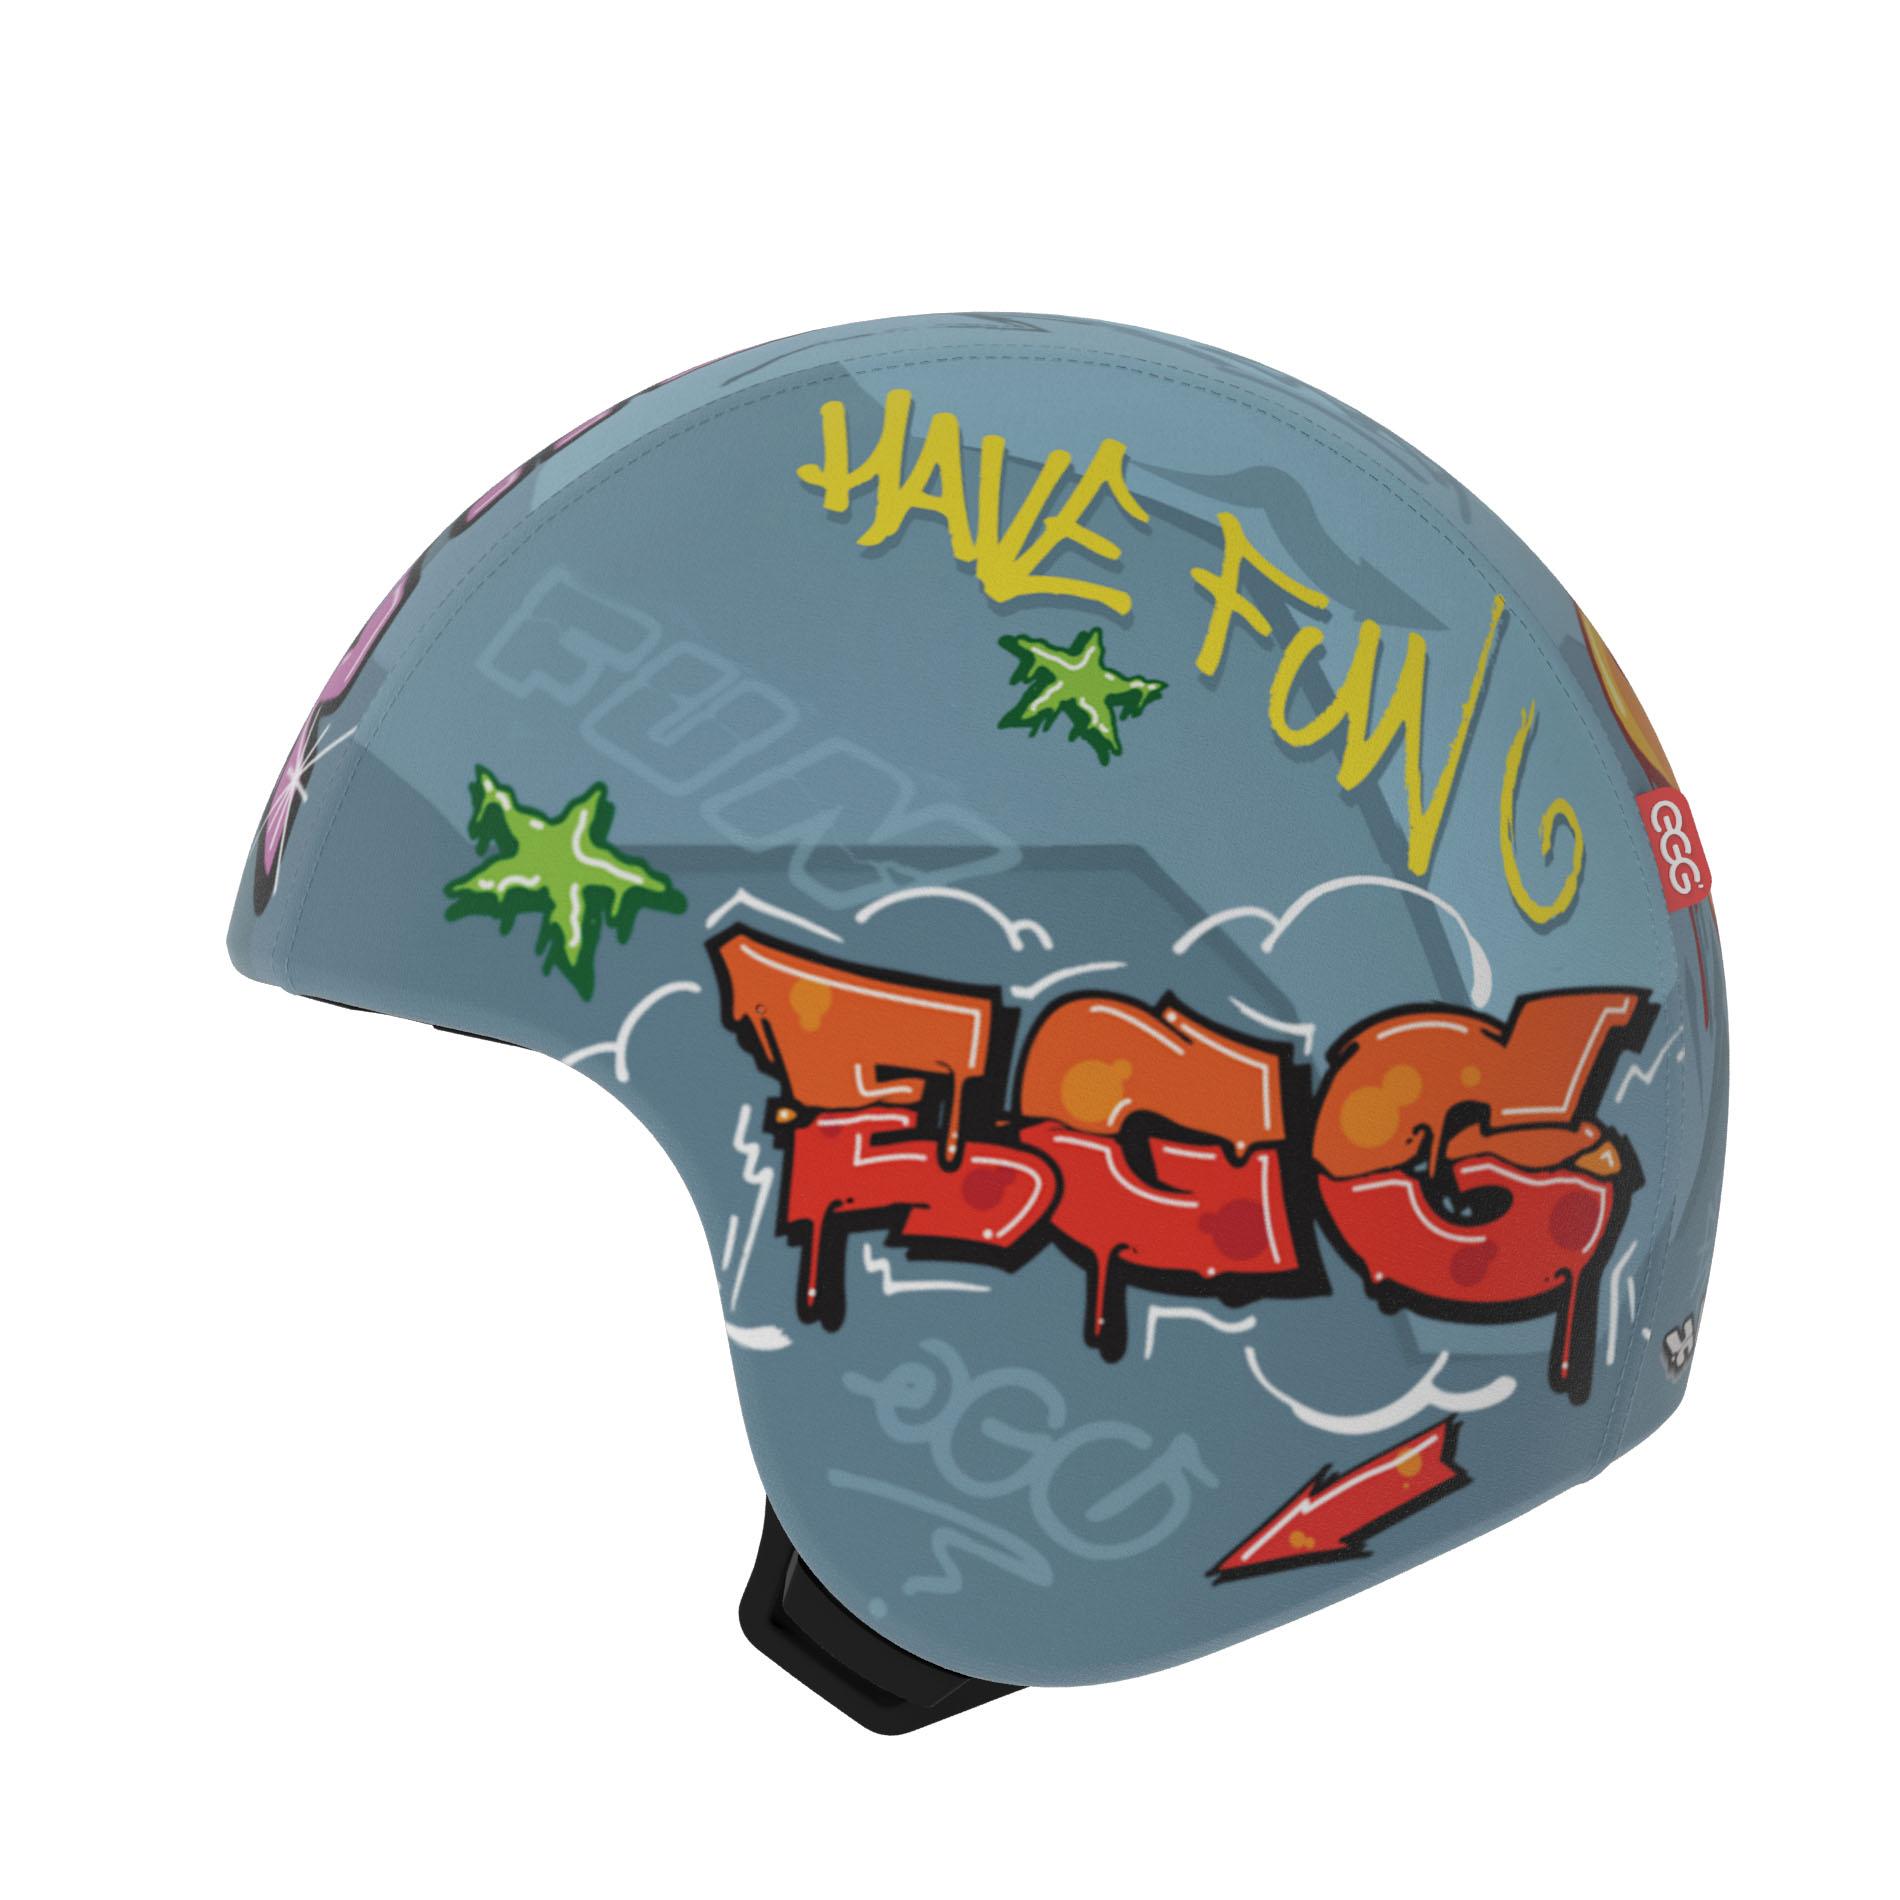 Egg – Egg skin - igor, str. s, 10 stk. på lager på pixizoo